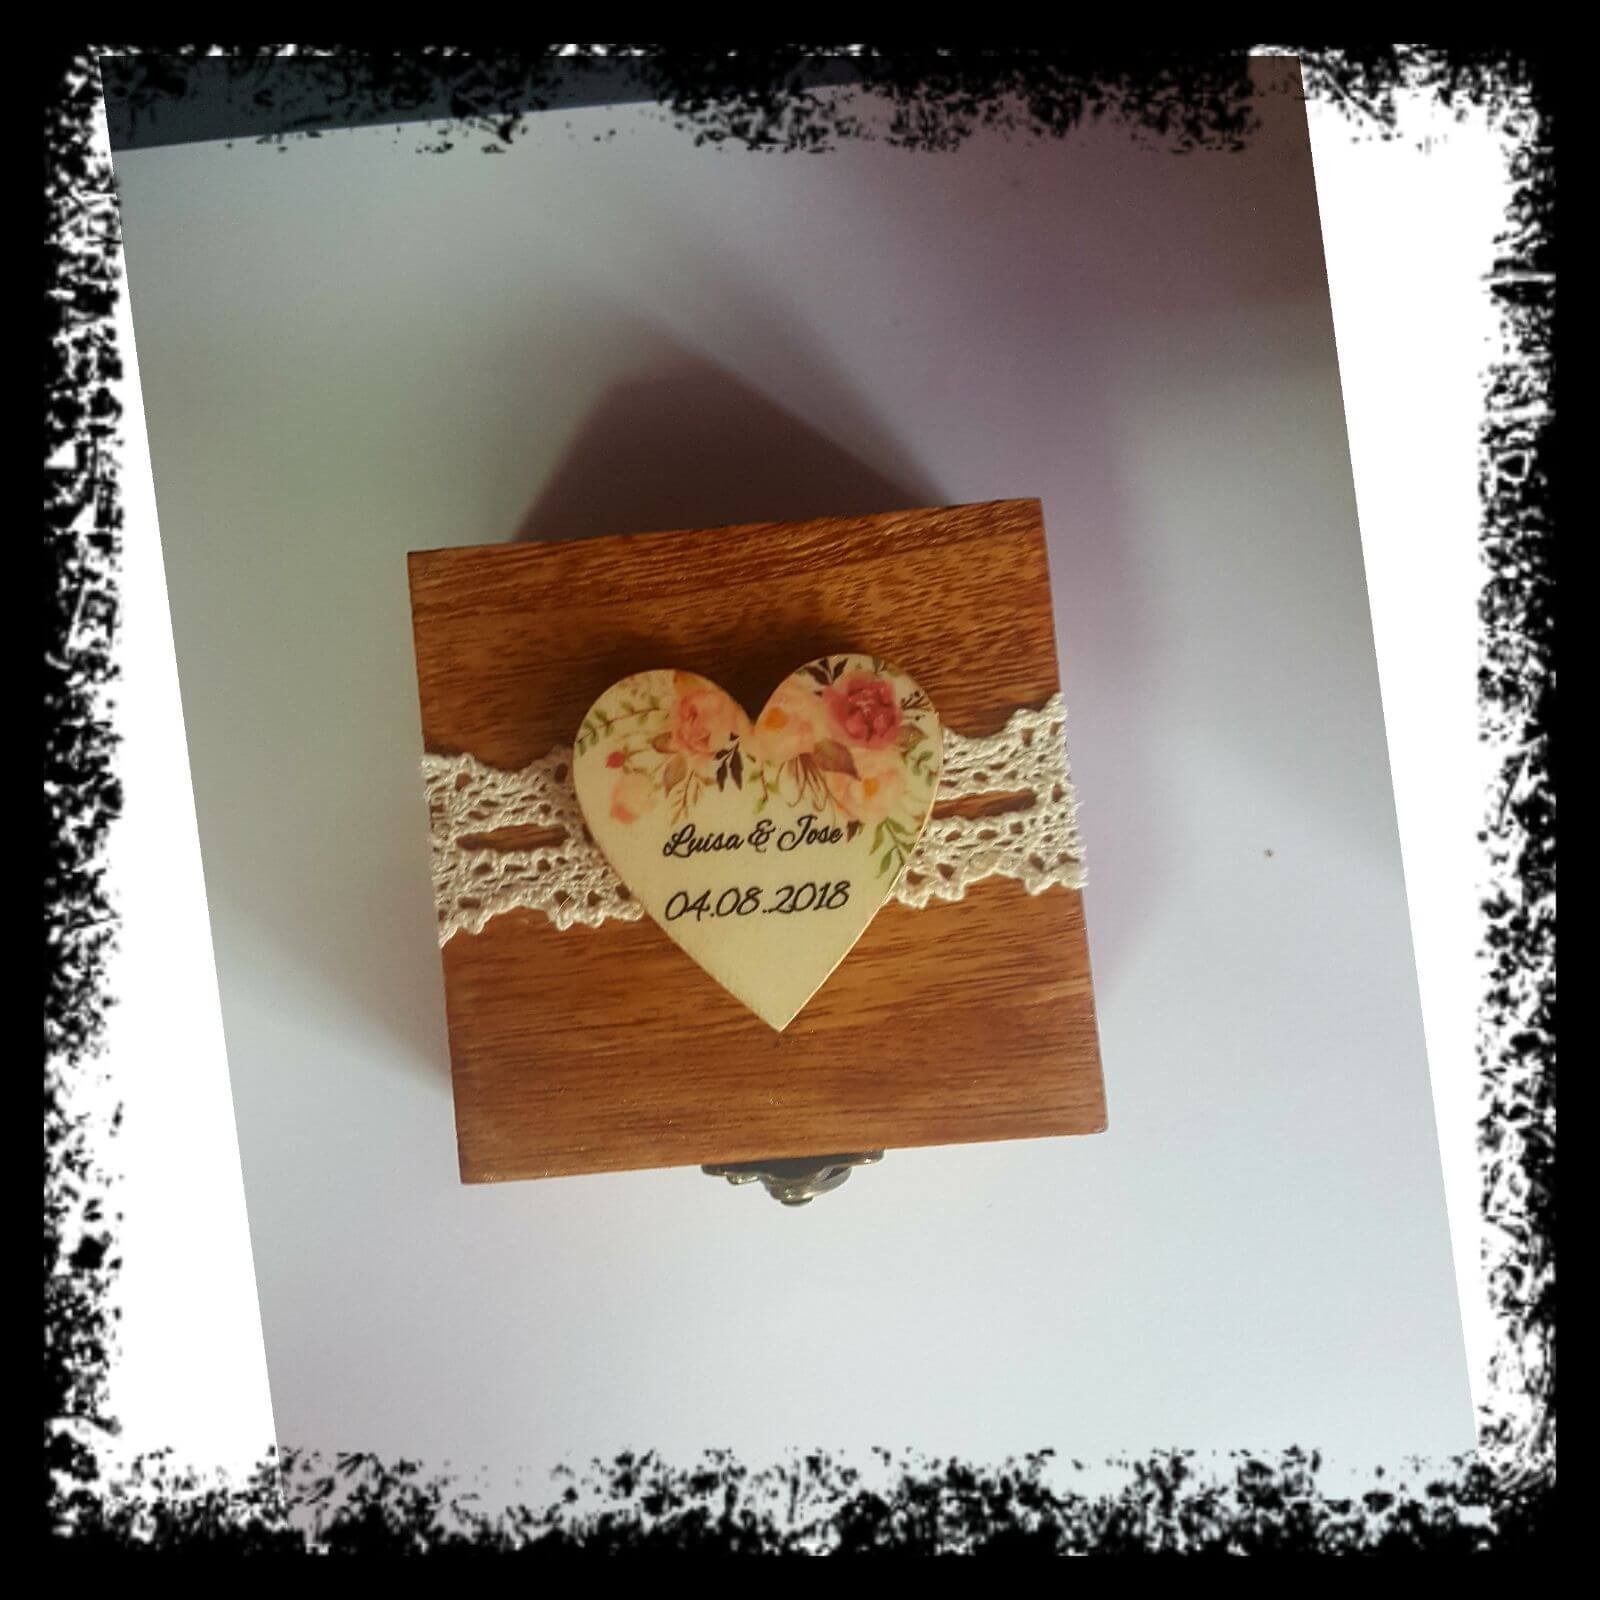 cajas de madera para arras cajas de madera para arras - cajas para arras  - Cajas de madera para arras – Caja para arras